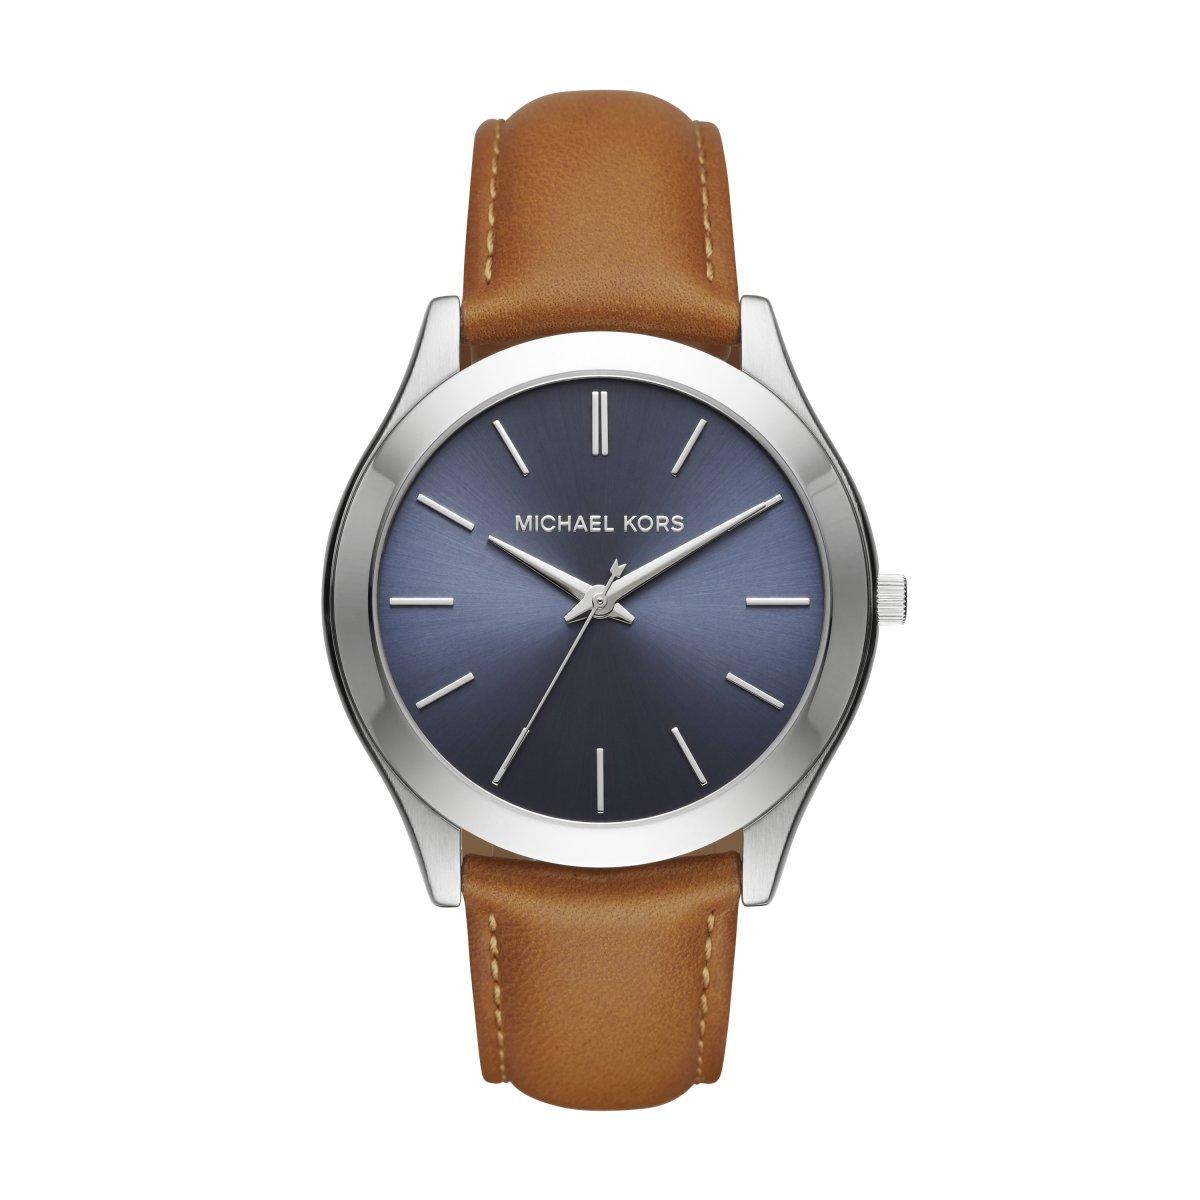 48897d0764 Pánske hodinky MICHAEL KORS s bledo-hnedým koženým remienkom MK8508 ...